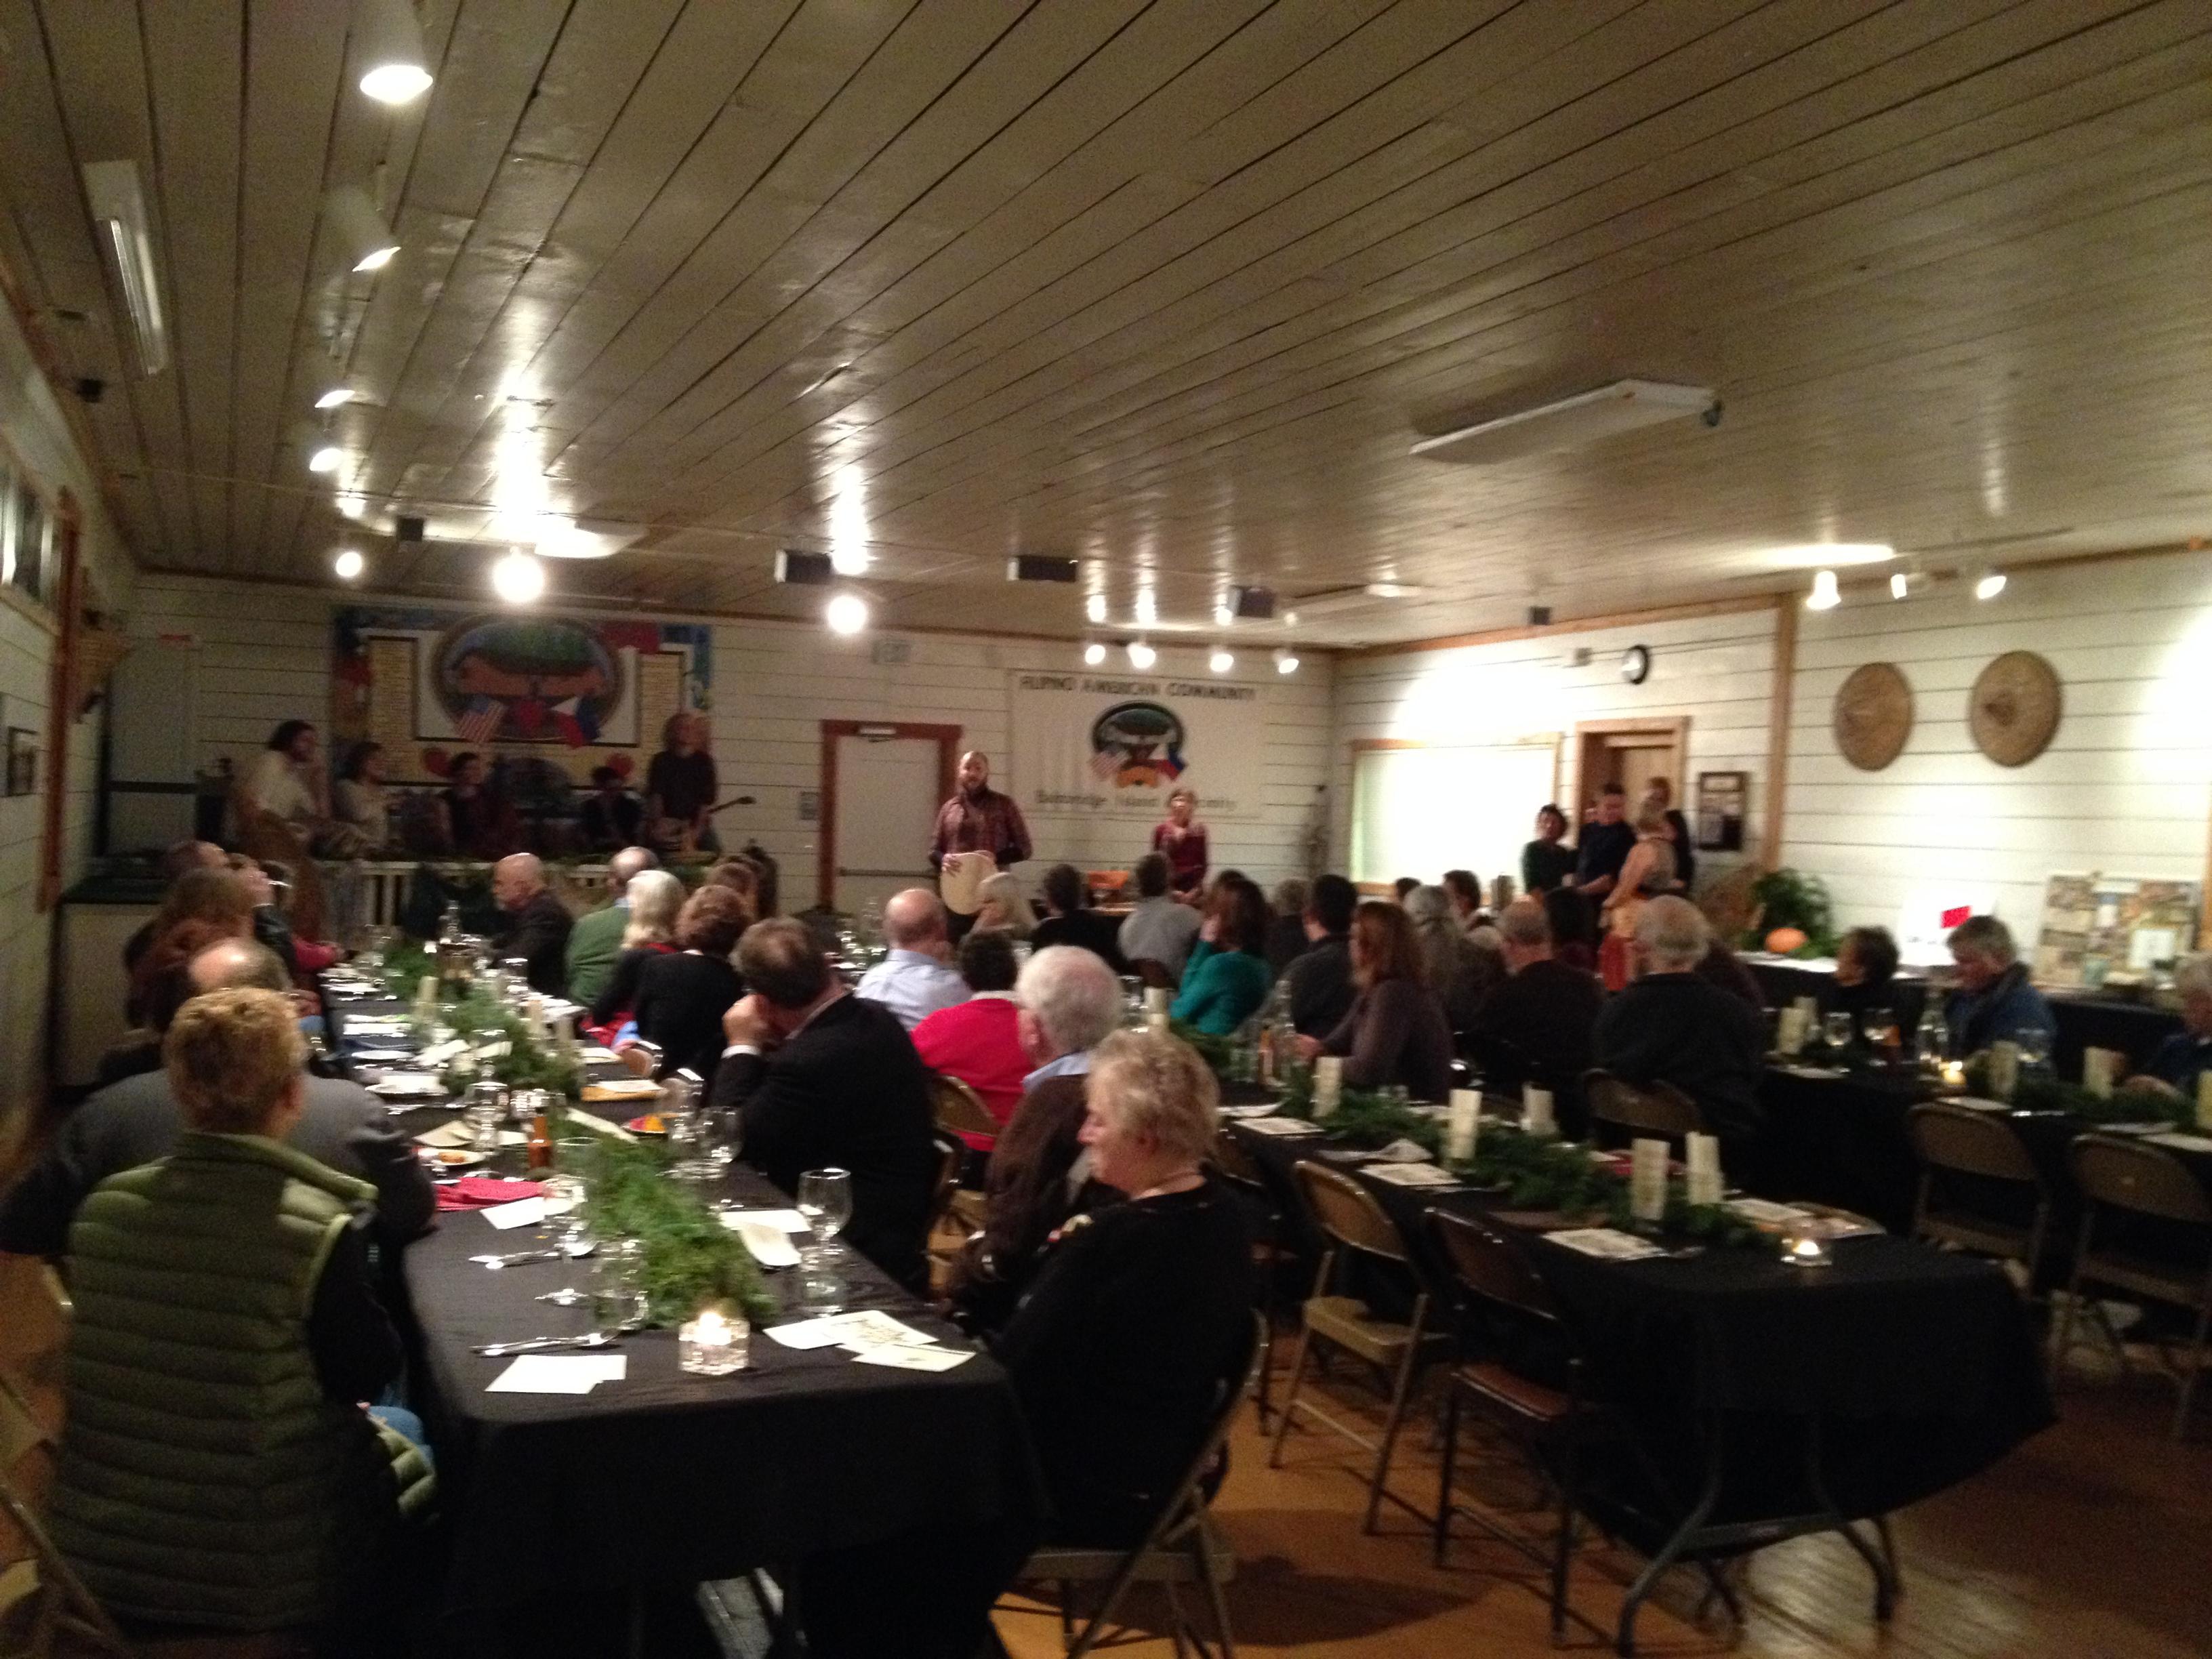 Foodshed large room